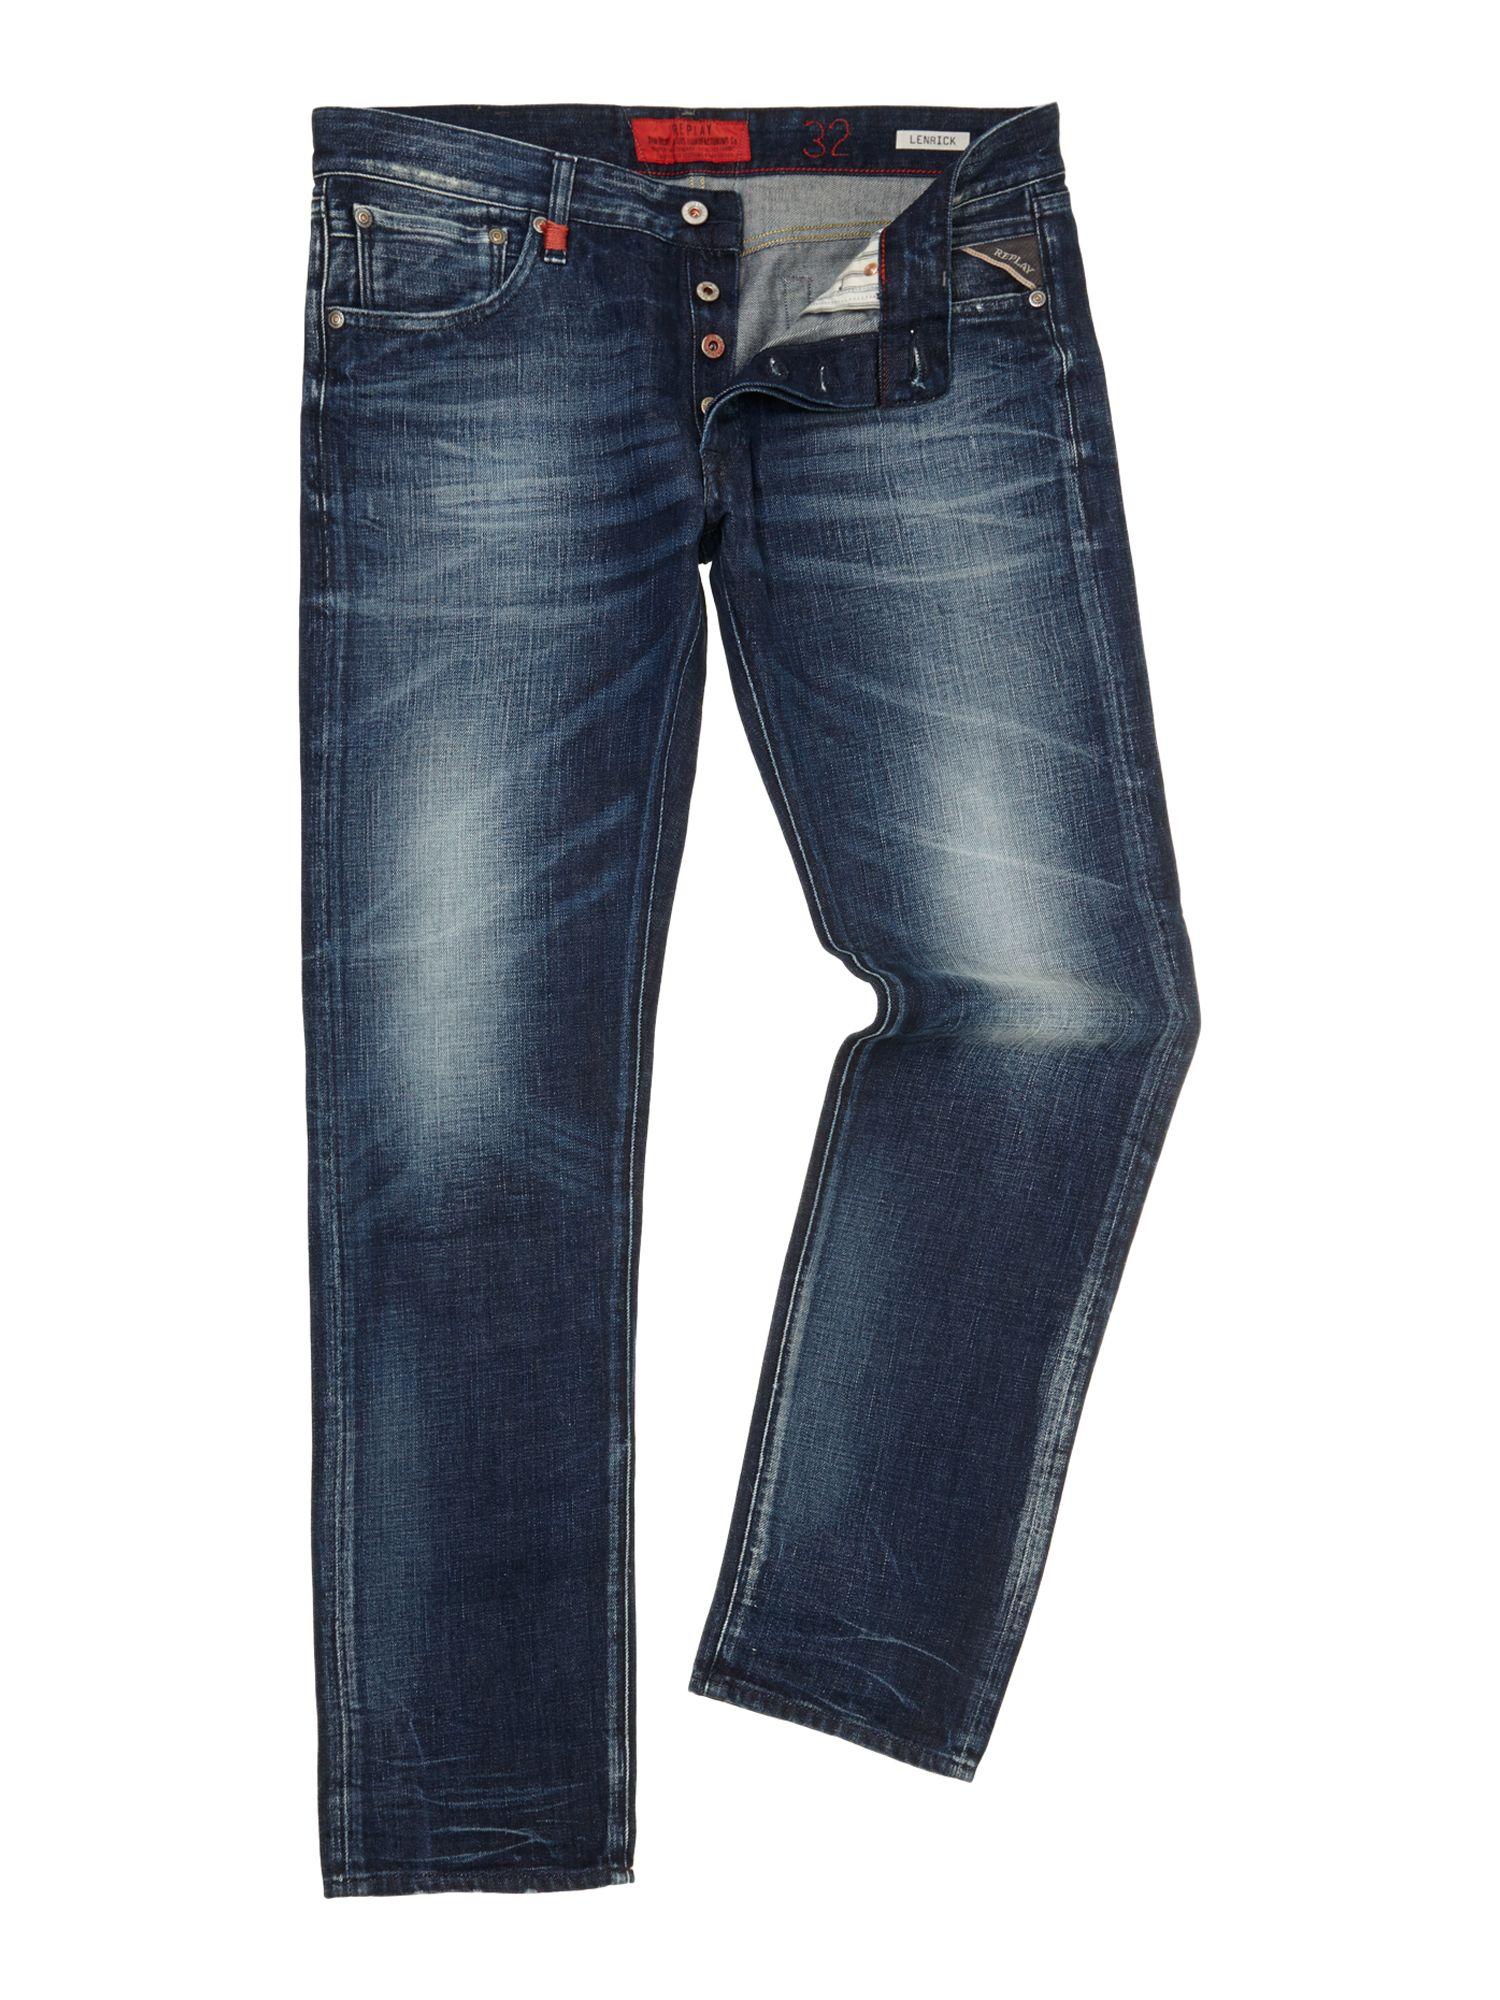 replay lenrick denim jeans regular slim fit in blue for men lyst. Black Bedroom Furniture Sets. Home Design Ideas